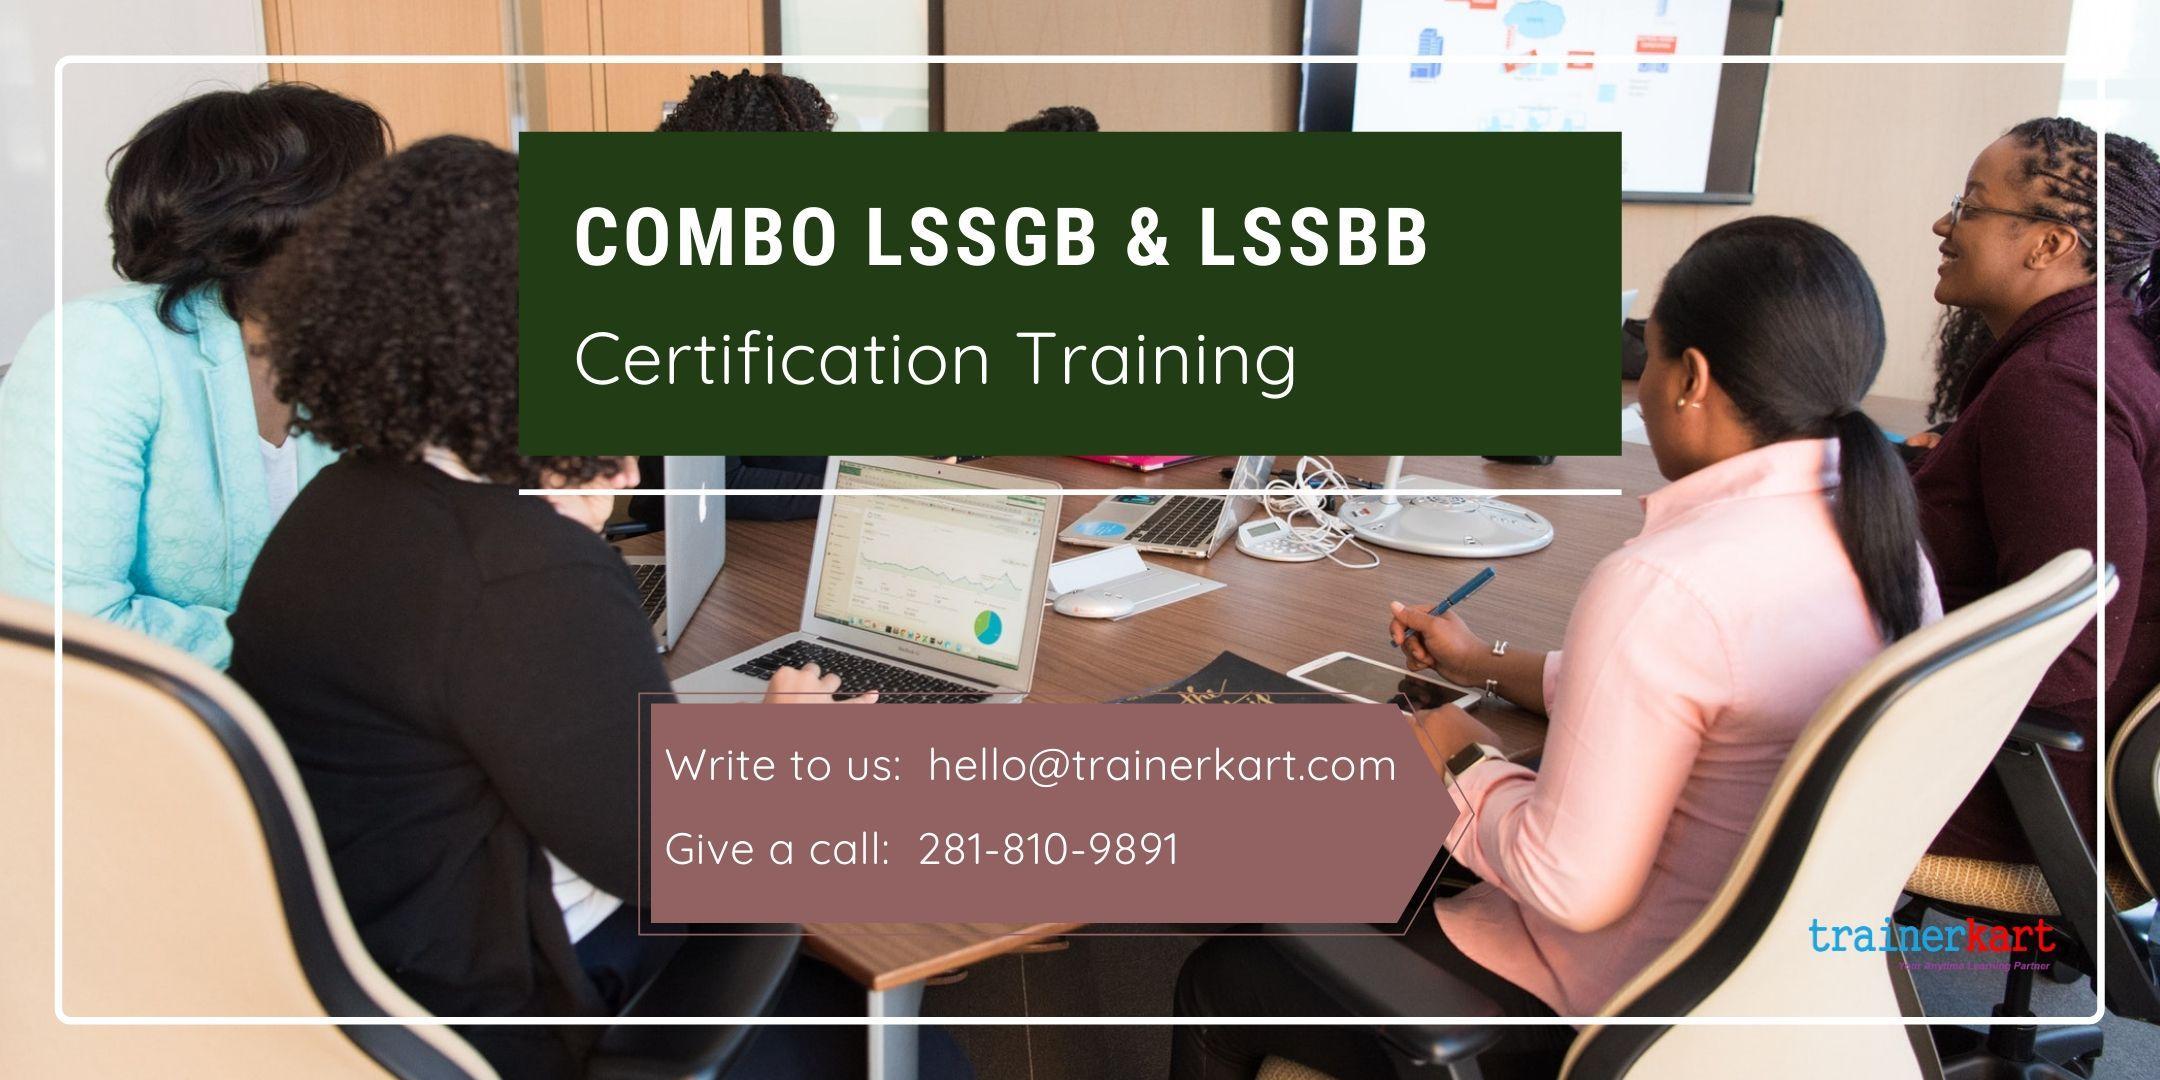 Combo LSSGB & LSSBB 4 day classroom Training in Kelowna, BC